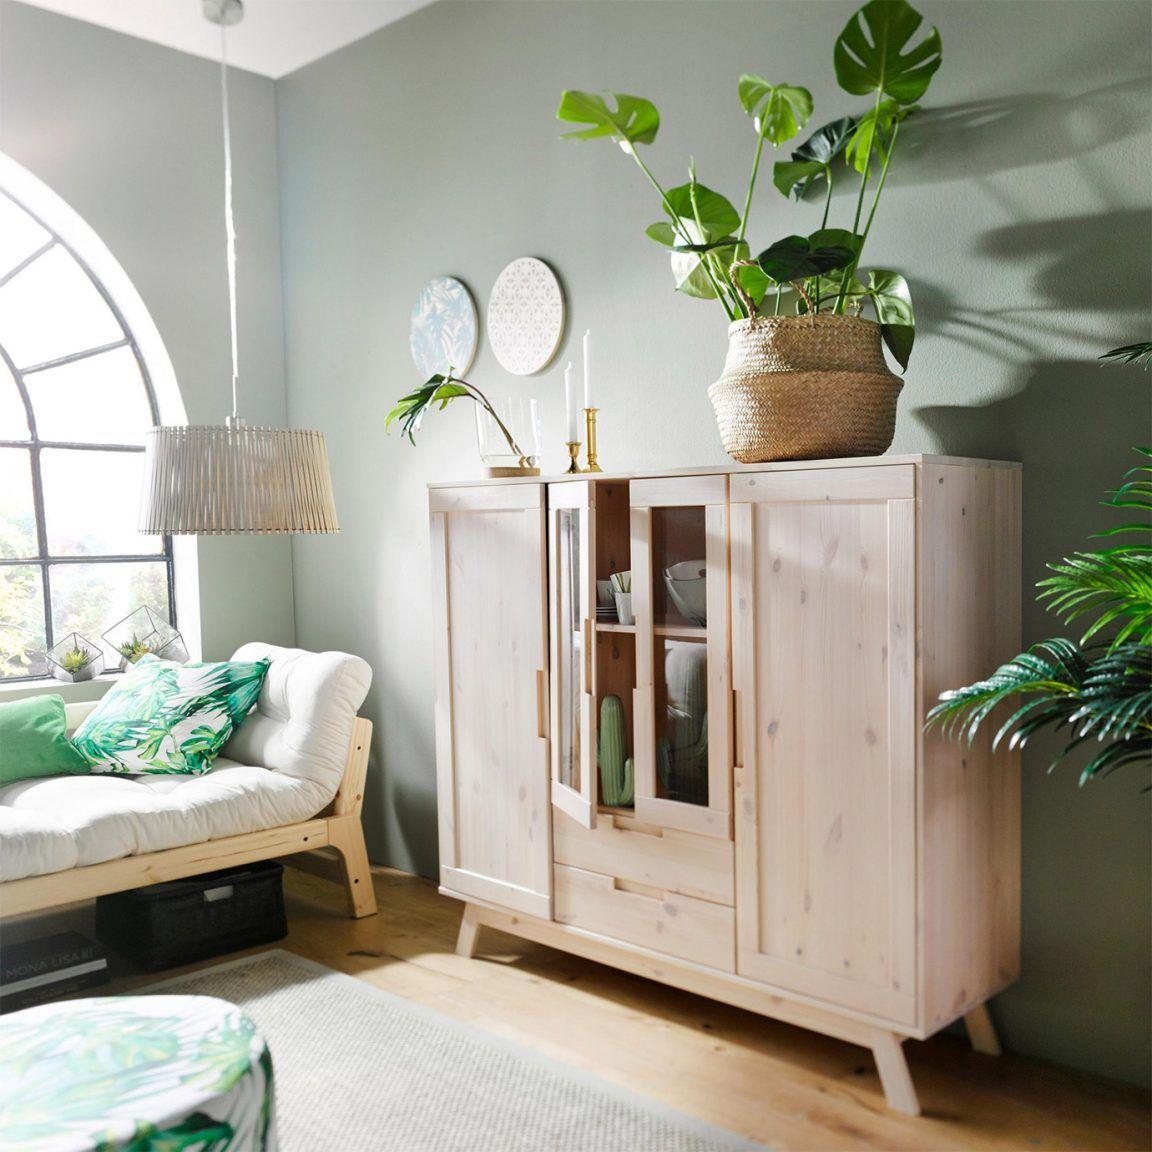 Wandfarbe im Wohnzimmer » Farbtrends &  kombinationen   OTTO Minimalist